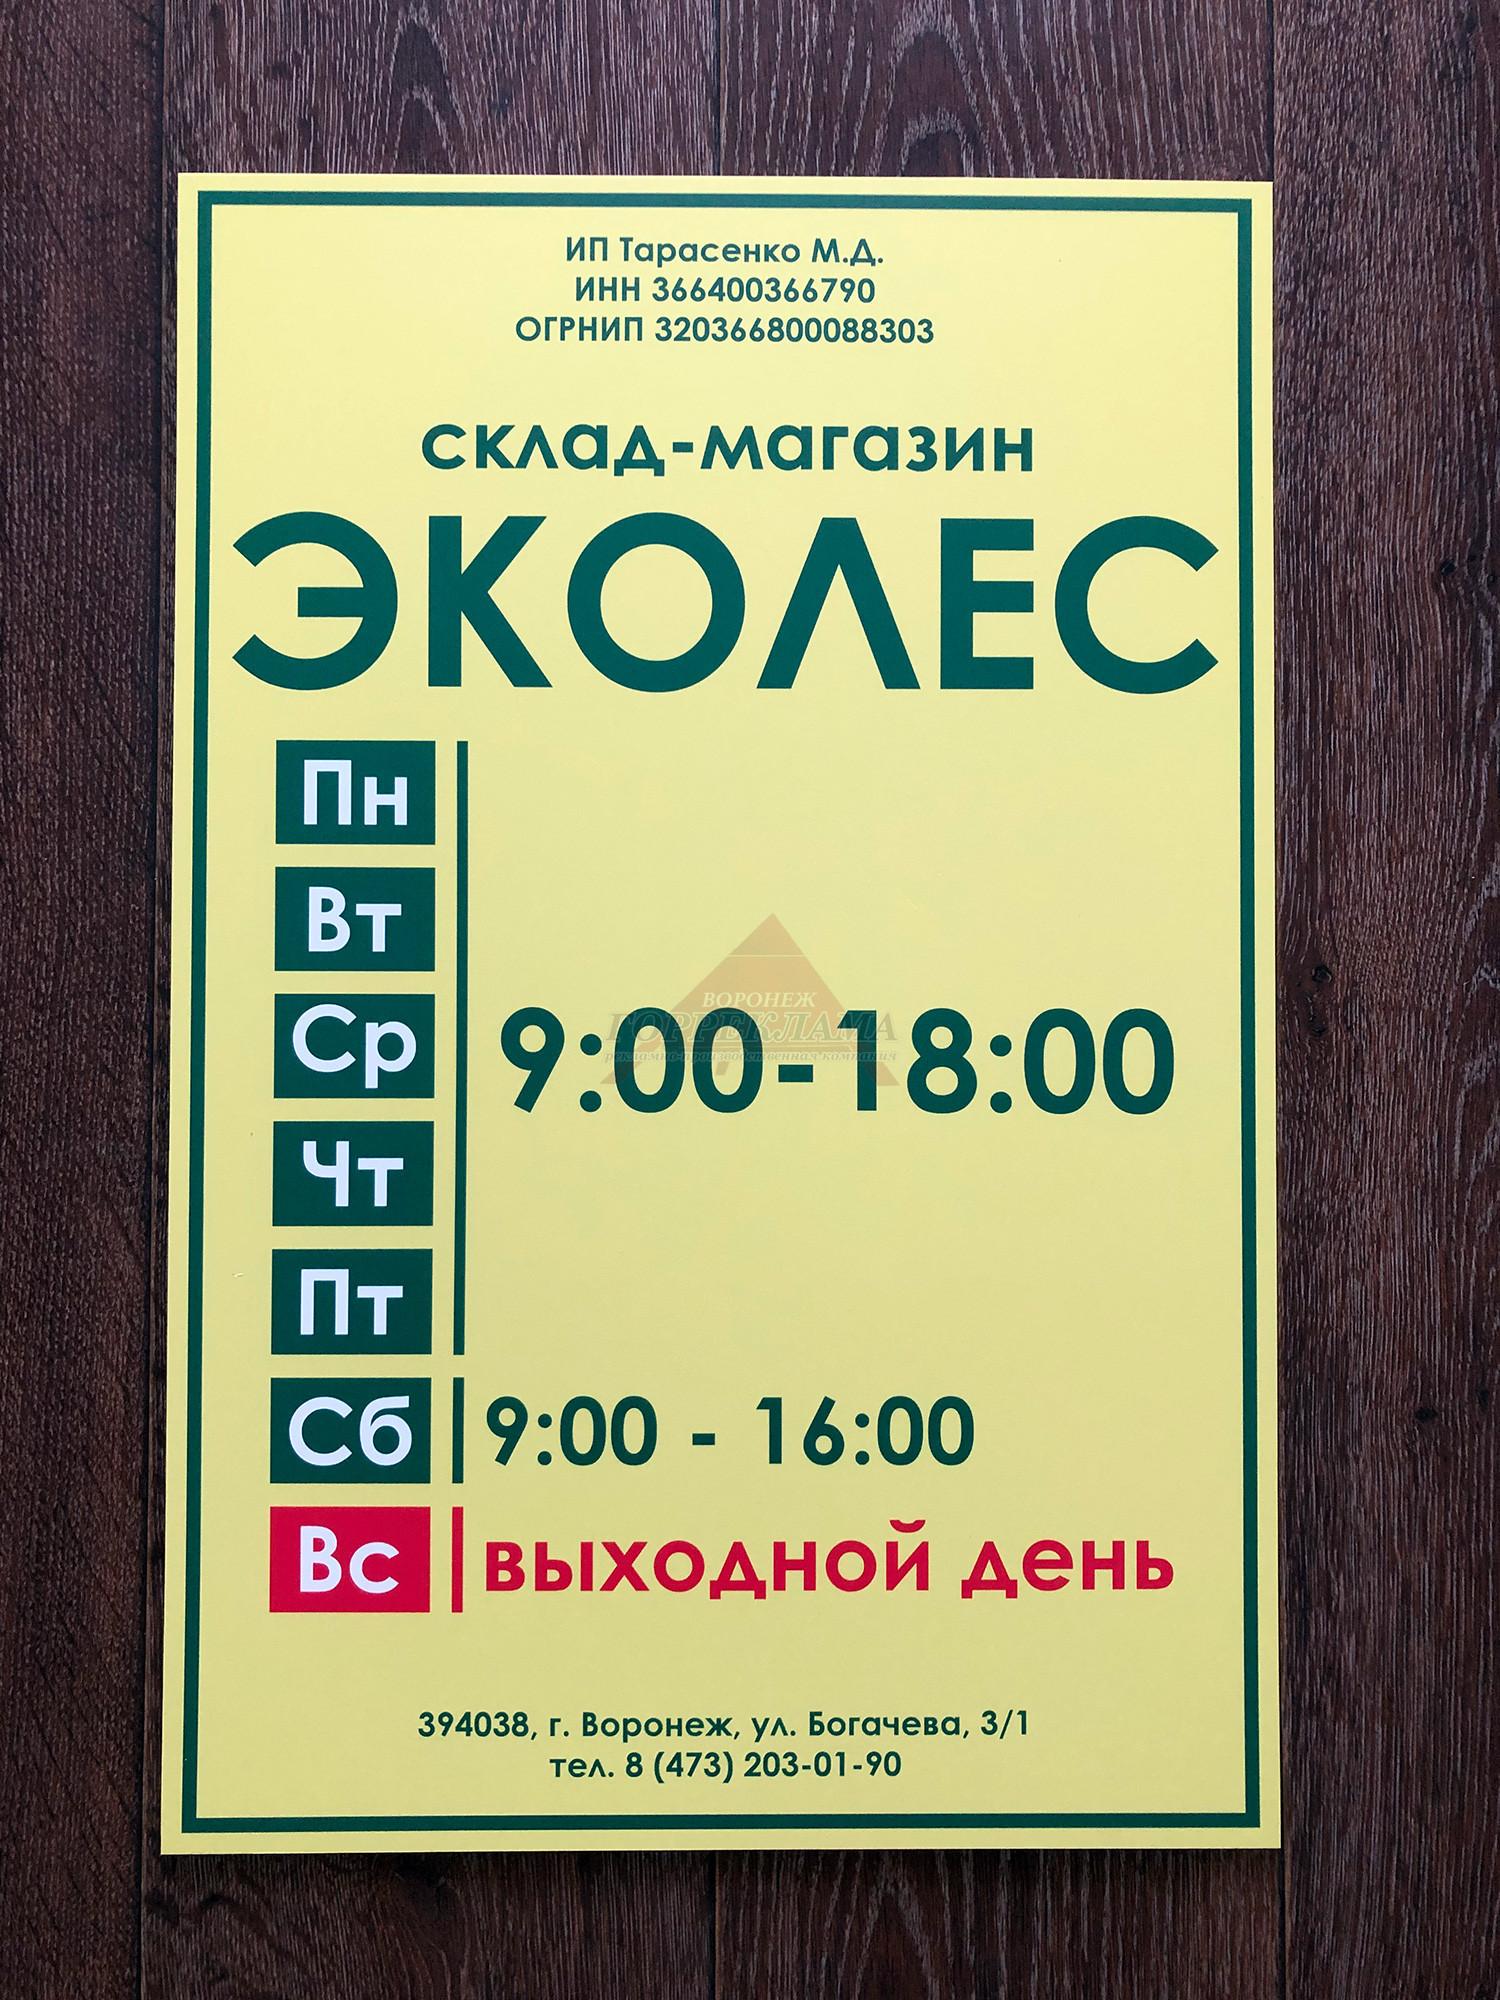 табличка-режим-работы-эколес-Воронеж